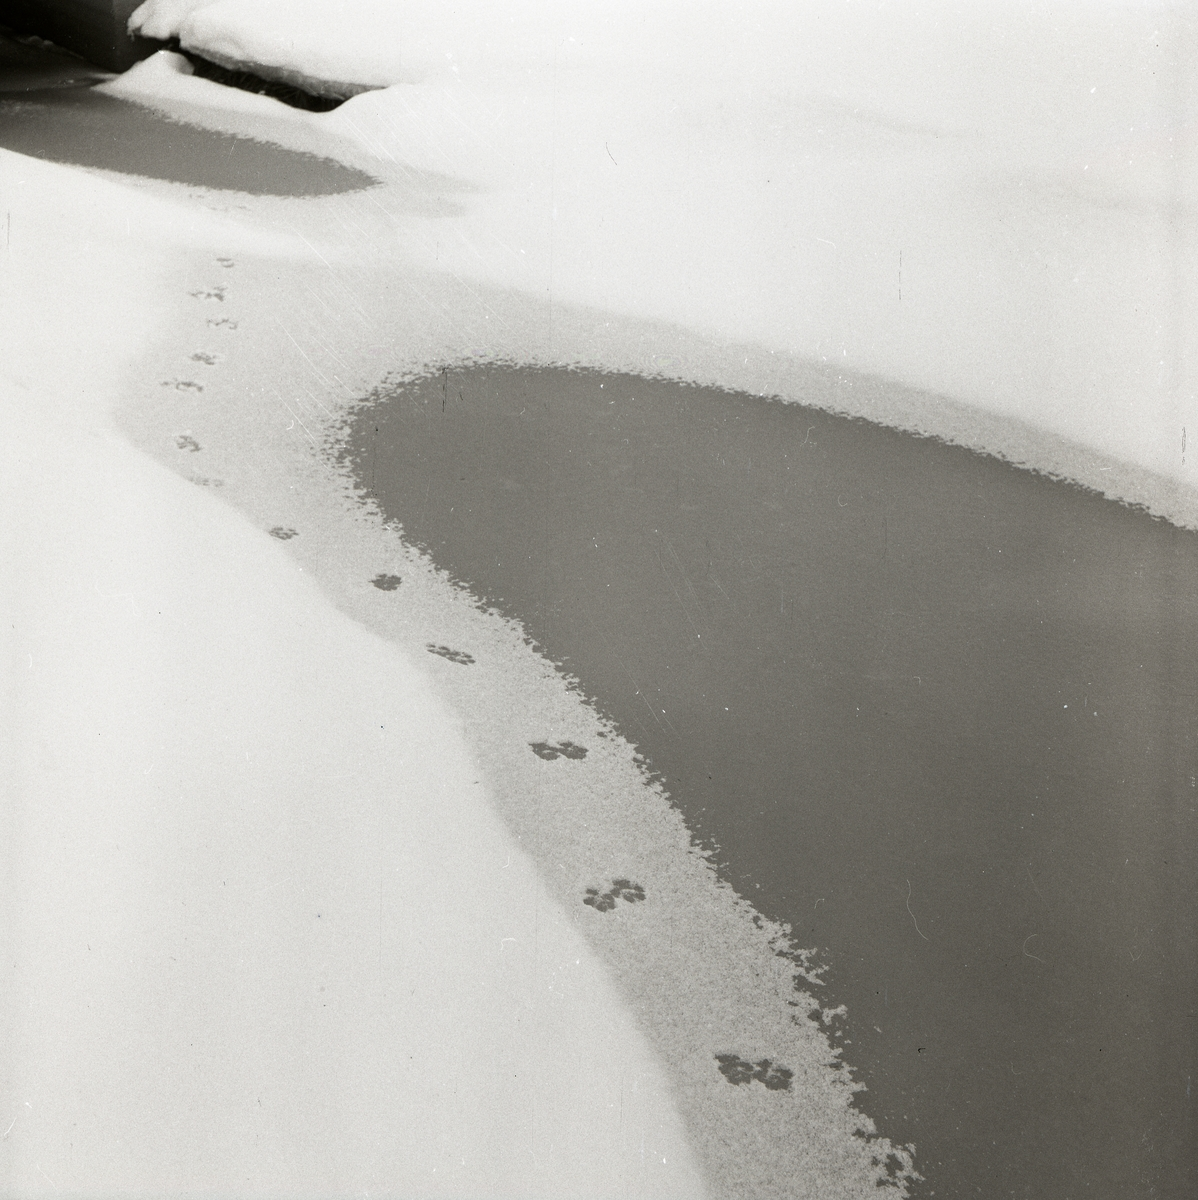 Rävspår i snön intill en vattensamling, 1 februari 1955.